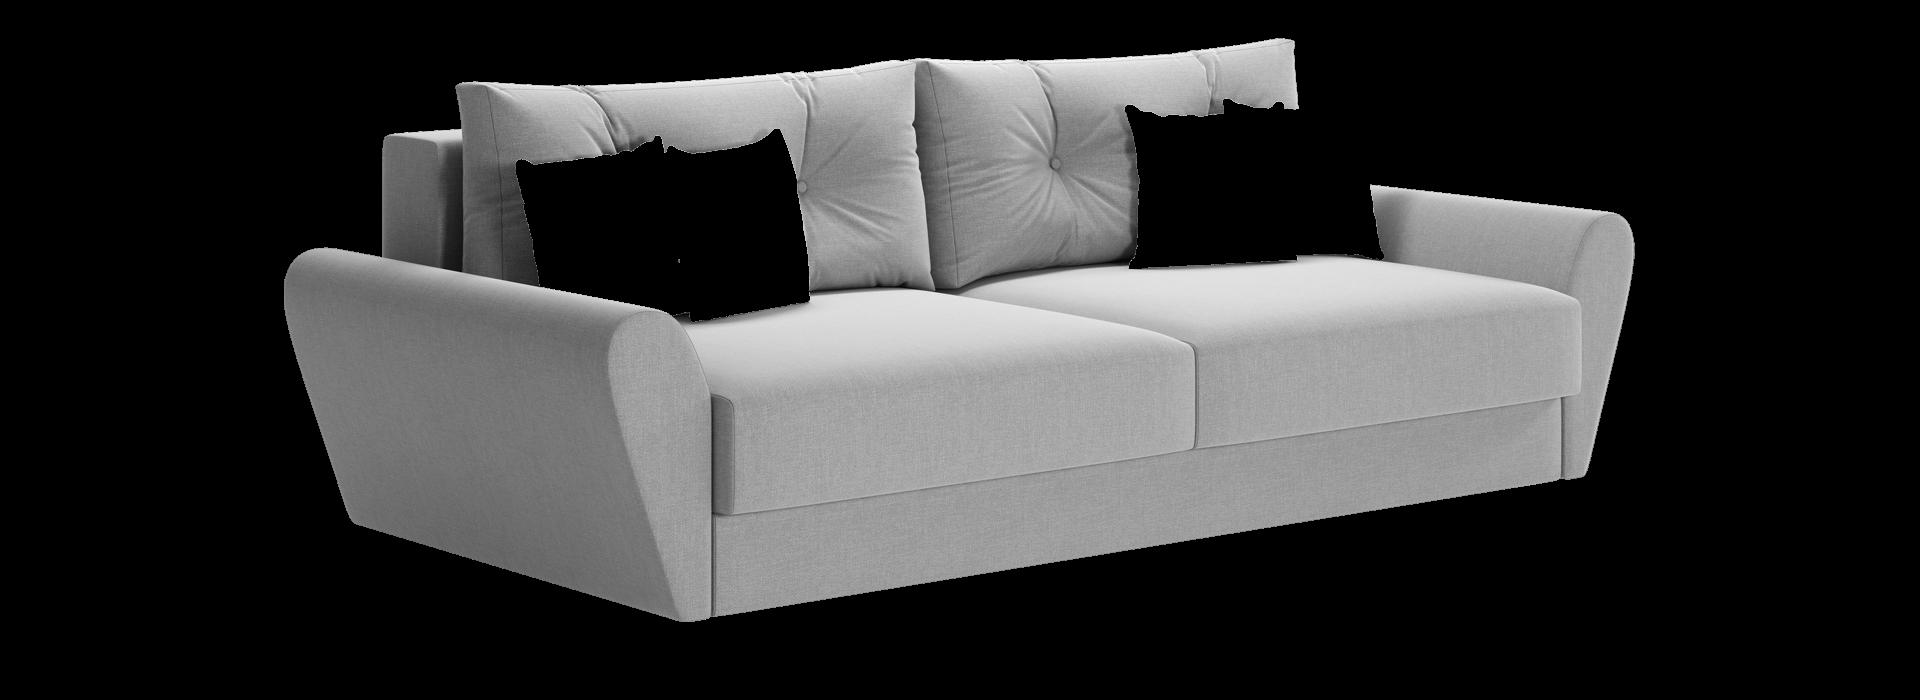 Даріо % прямий диван - маска 2